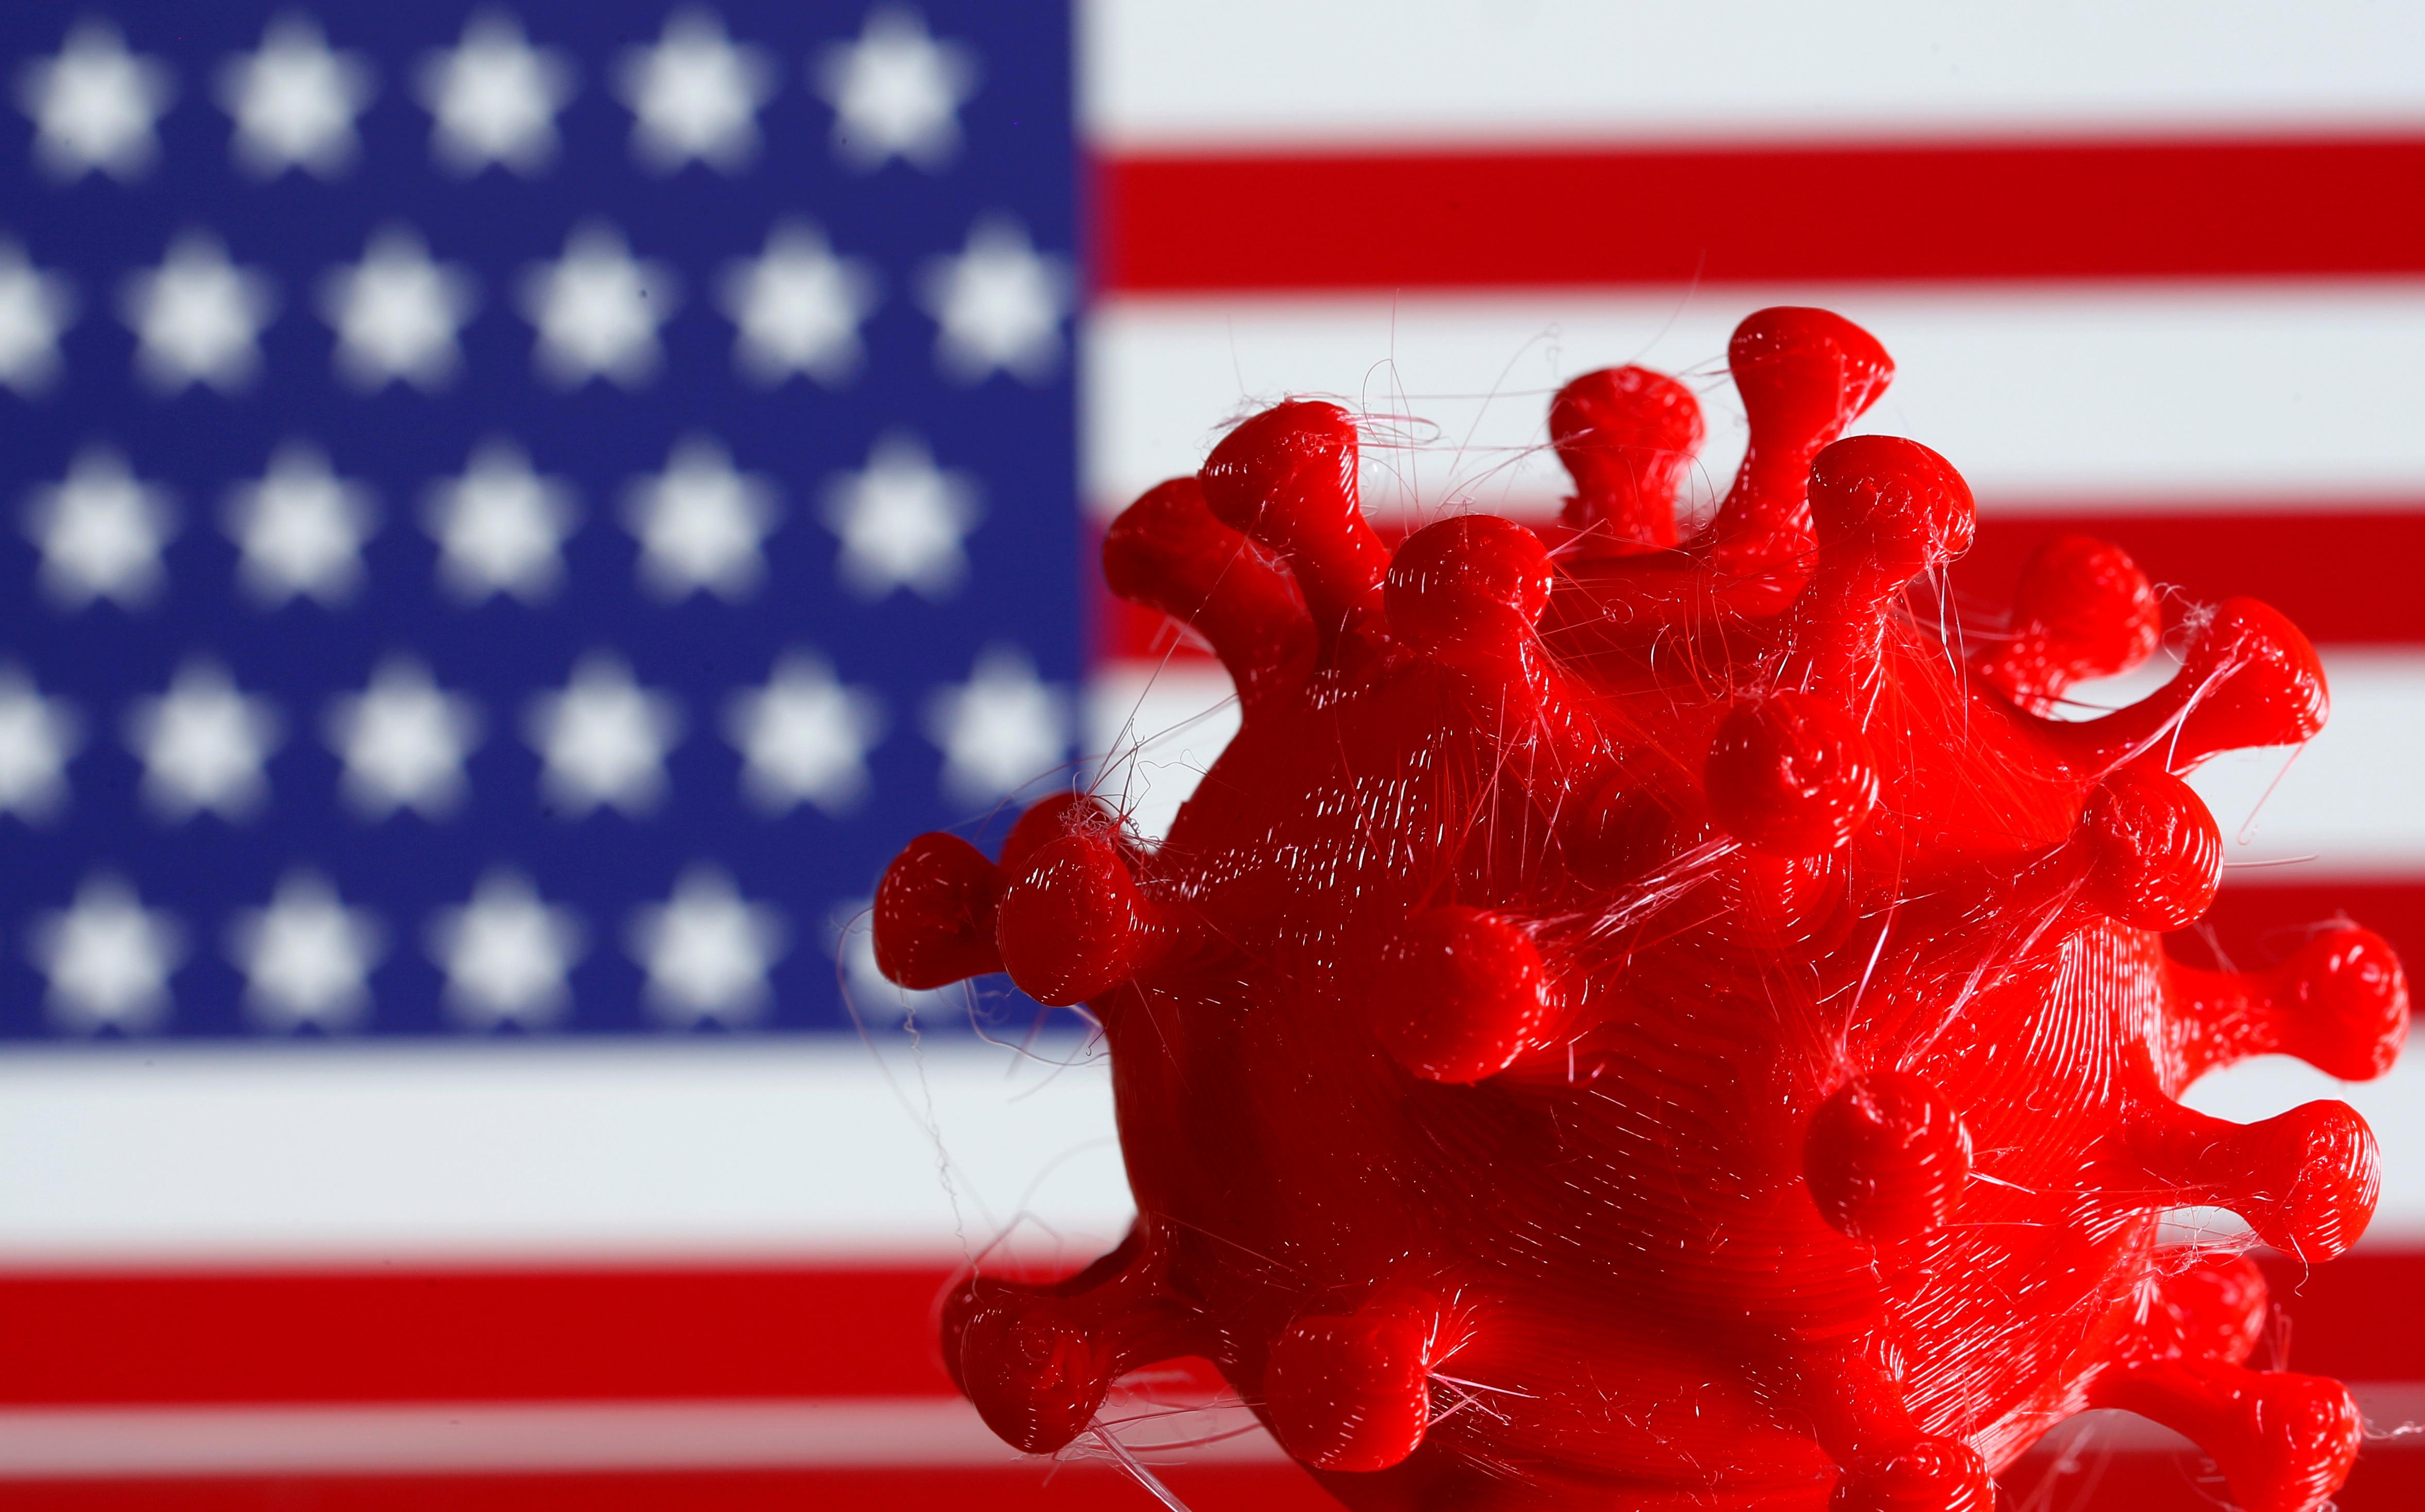 美国一项新的抗体检测研究表明,新型冠状病毒至少从2019年12月就已经开始在美国出现。-路透社-